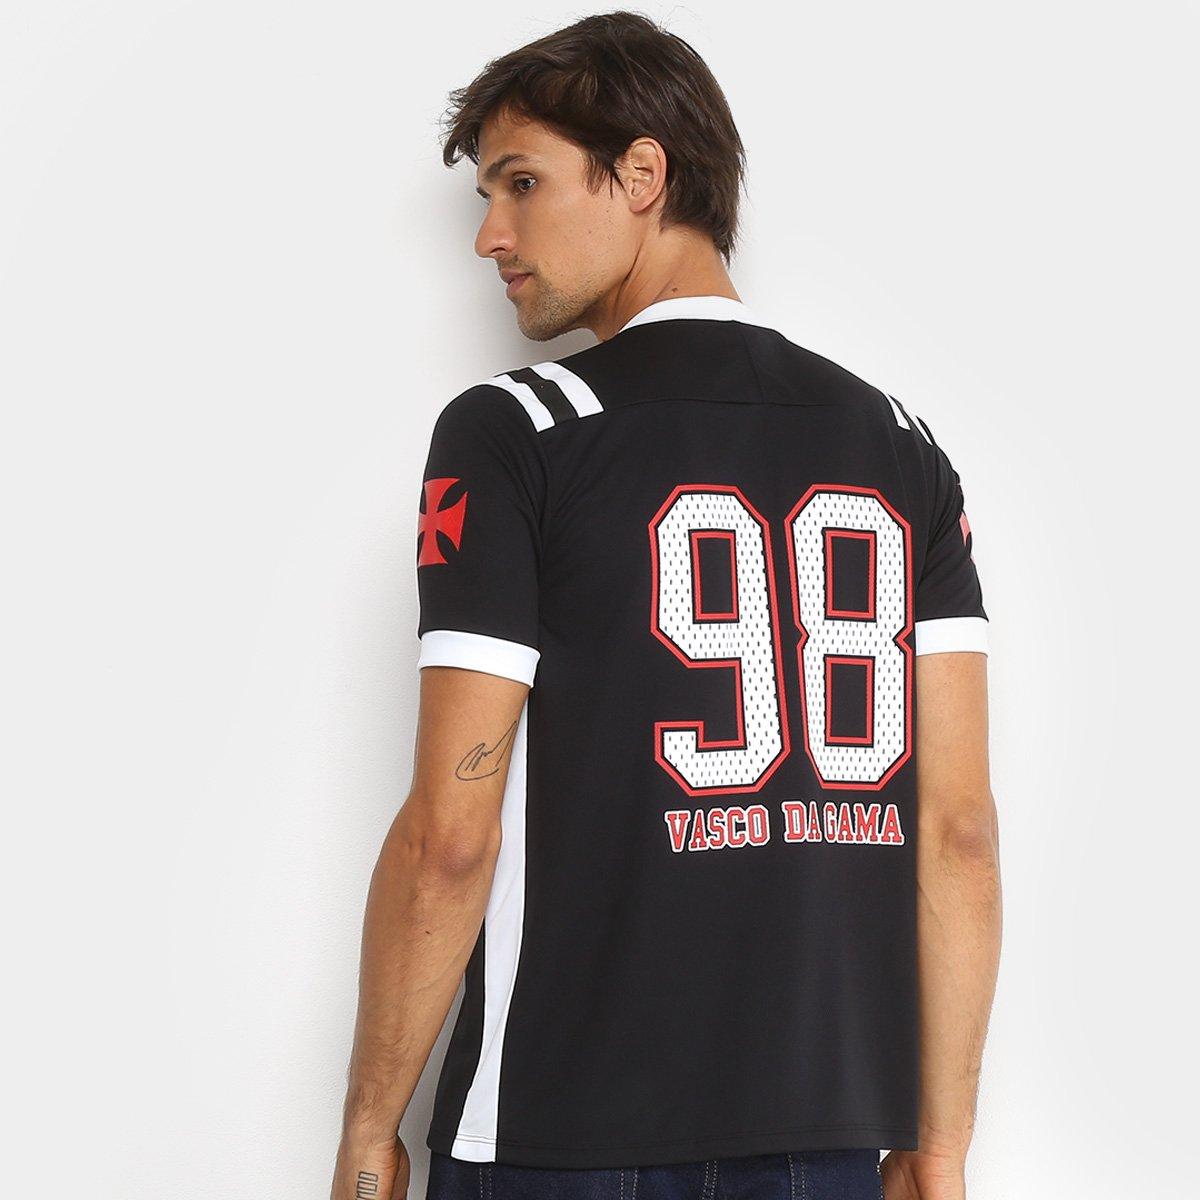 Camiseta Vasco Breed Masculina  Camiseta Vasco Breed Masculina ... b77a461a007d9